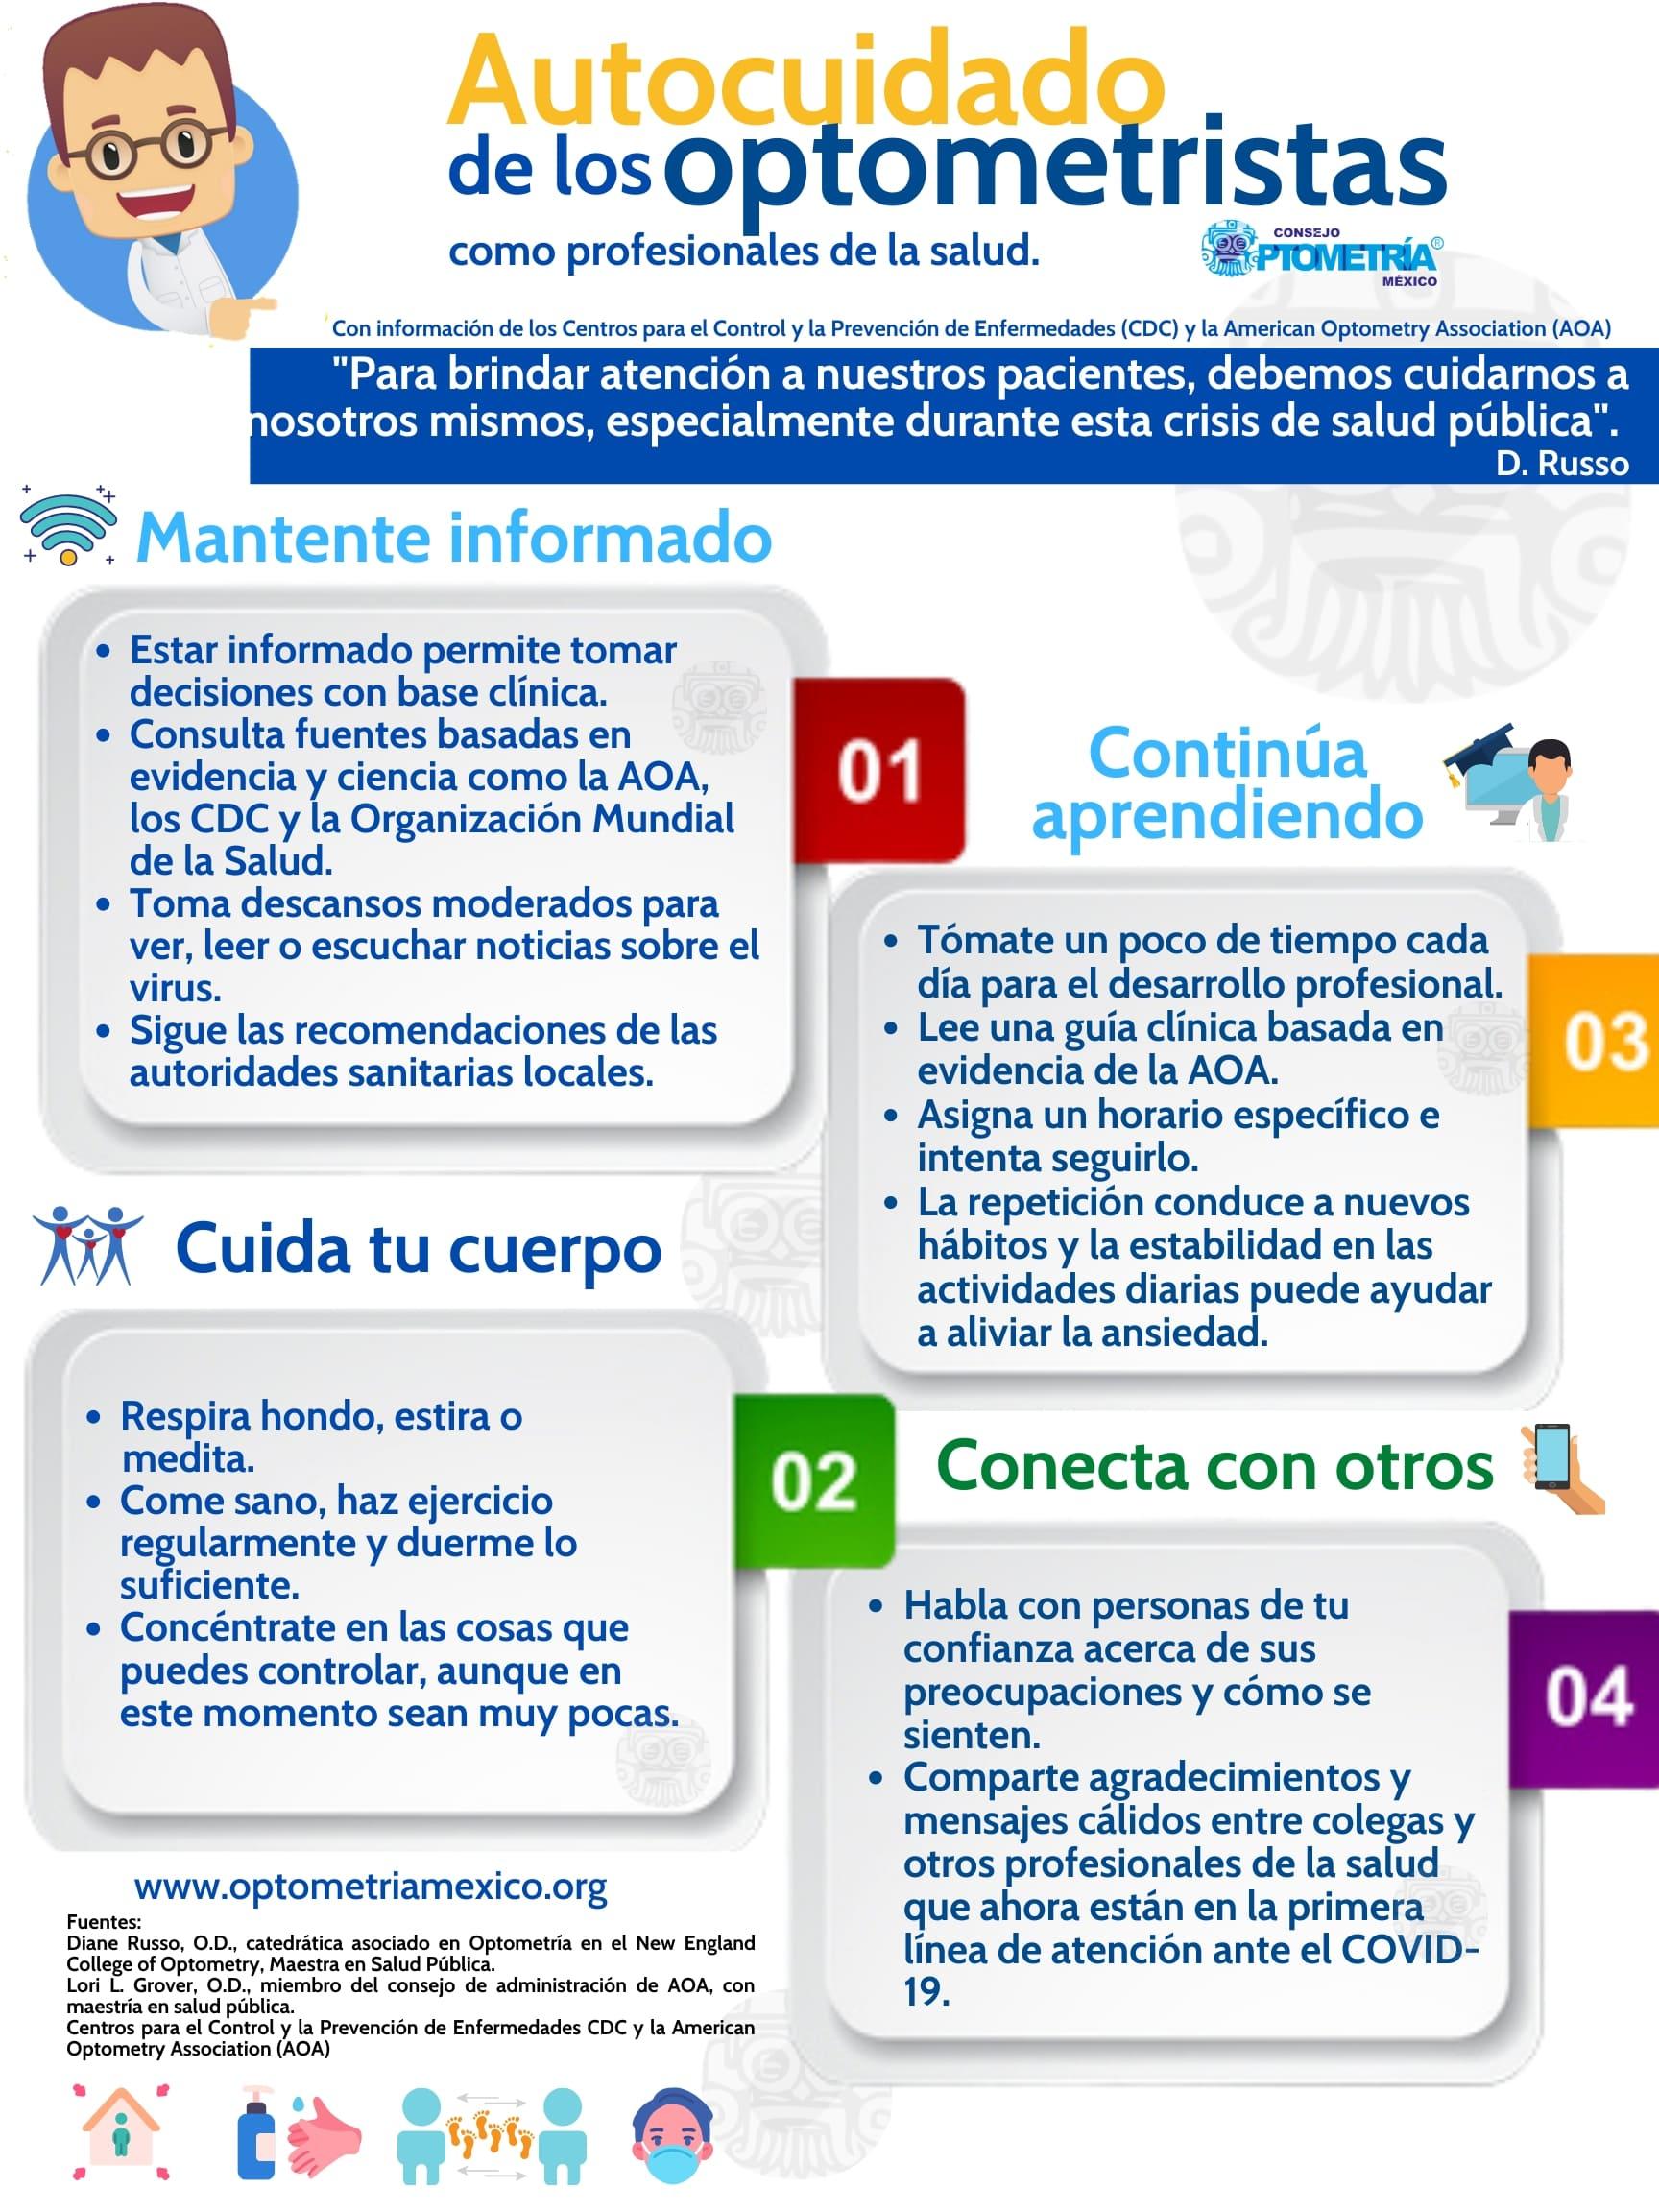 Consejos para el autocuidado de los optometristas como profesionales de la salud-Consejo-Optometría-México-min